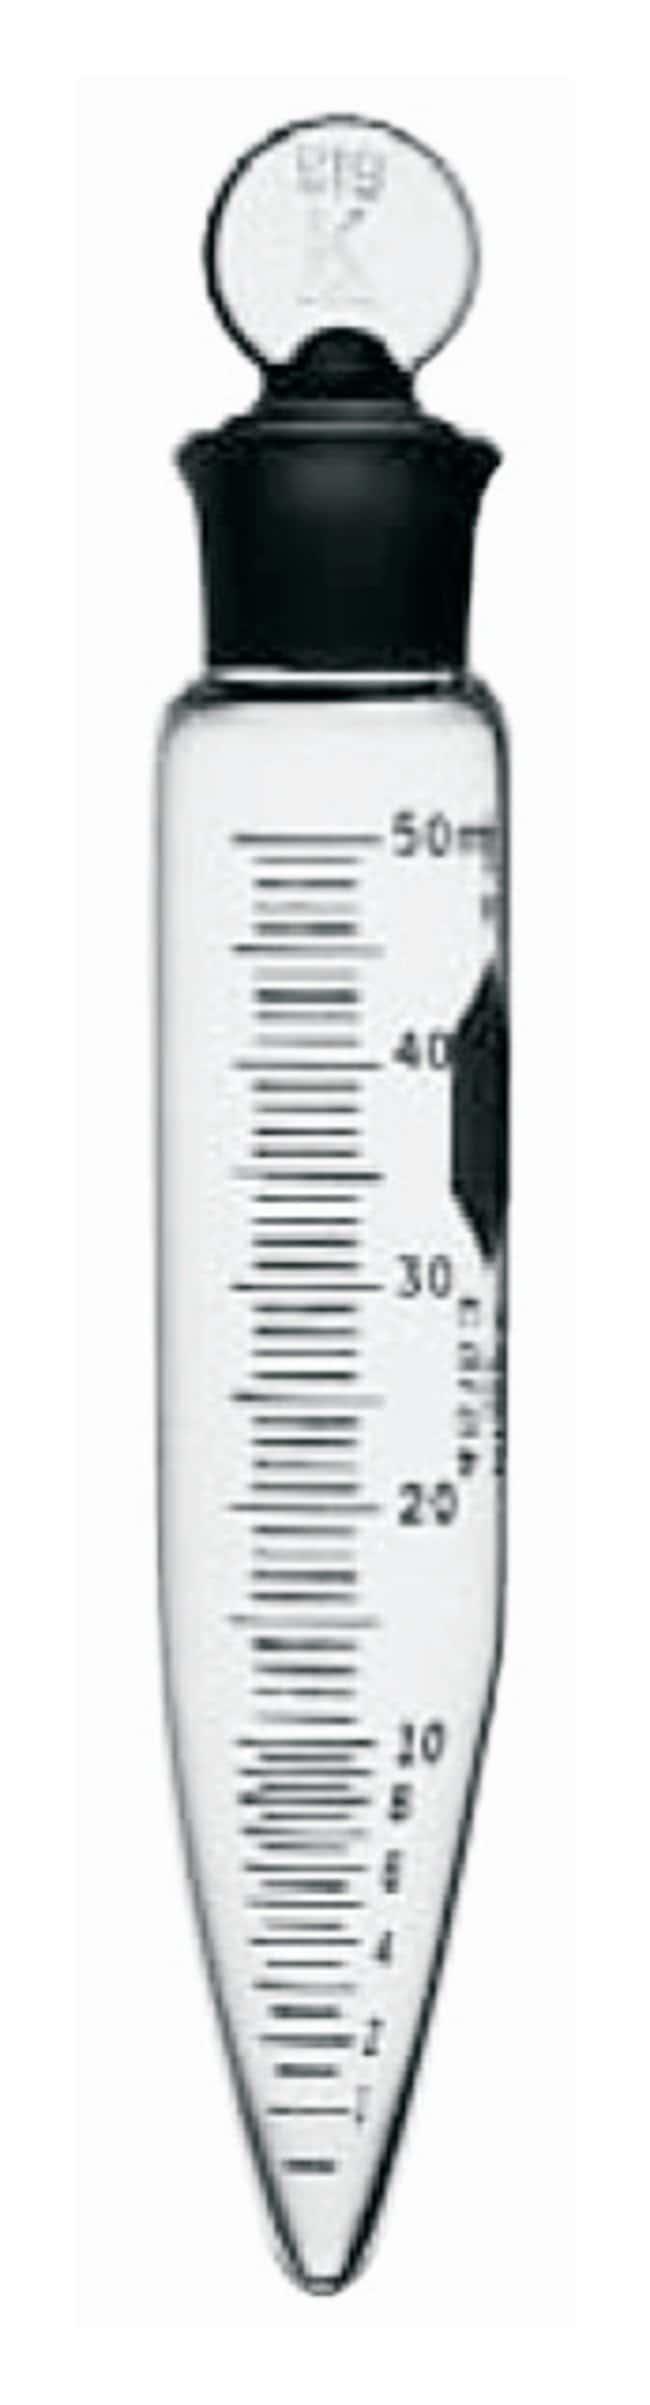 Kimble™KIMAX™ Zentrifugenröhrchen mit Graduierung 50ml; mit Glasstopfen Centrifuge Tubes